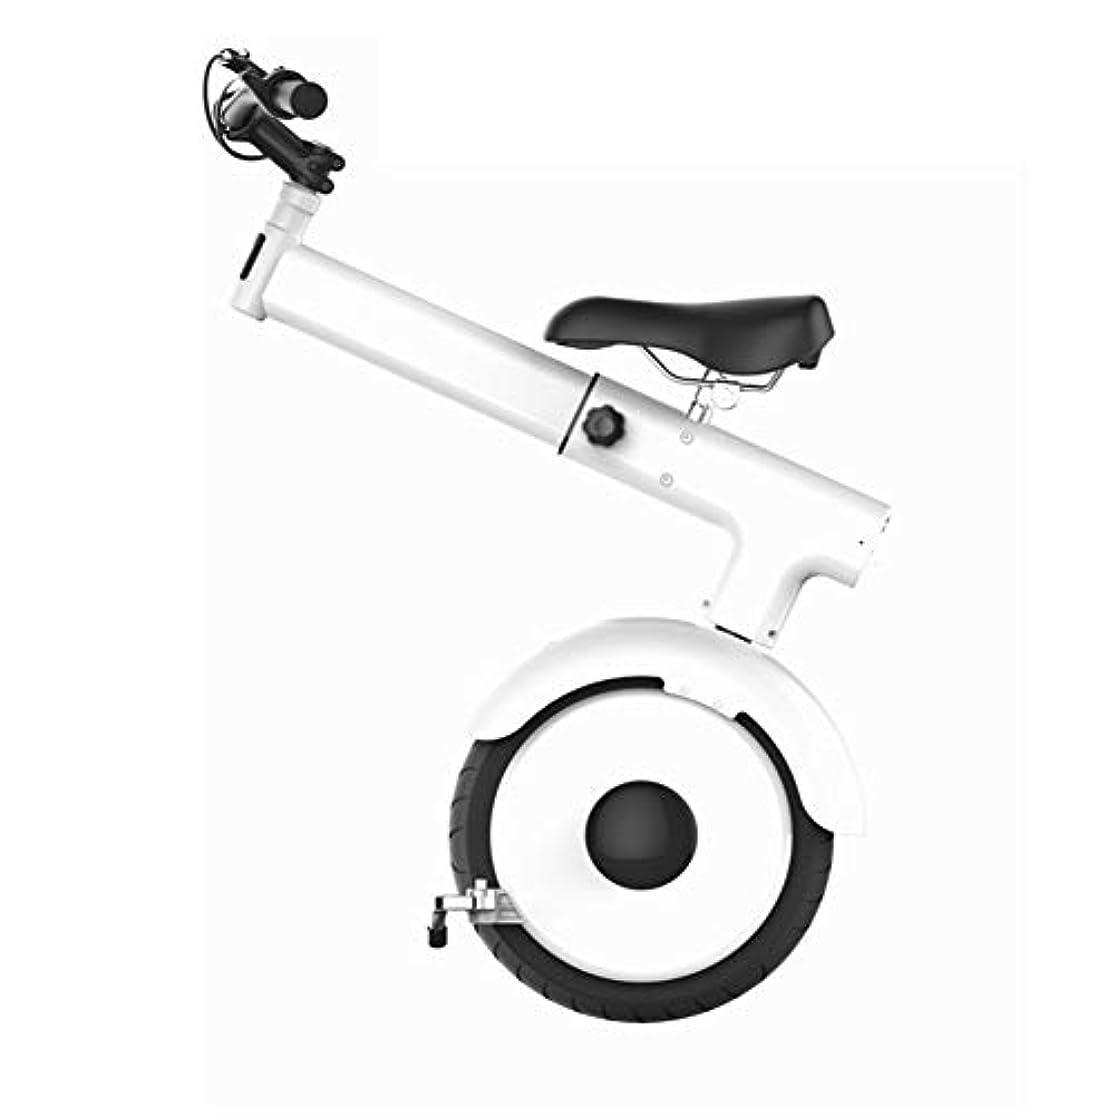 飢ギネス小売電動自転車、6.0Ahリチウム電池、市自転車最大速度毎時25キロ、ディスクブレーキと折り畳み式の12インチ36V E-自転車